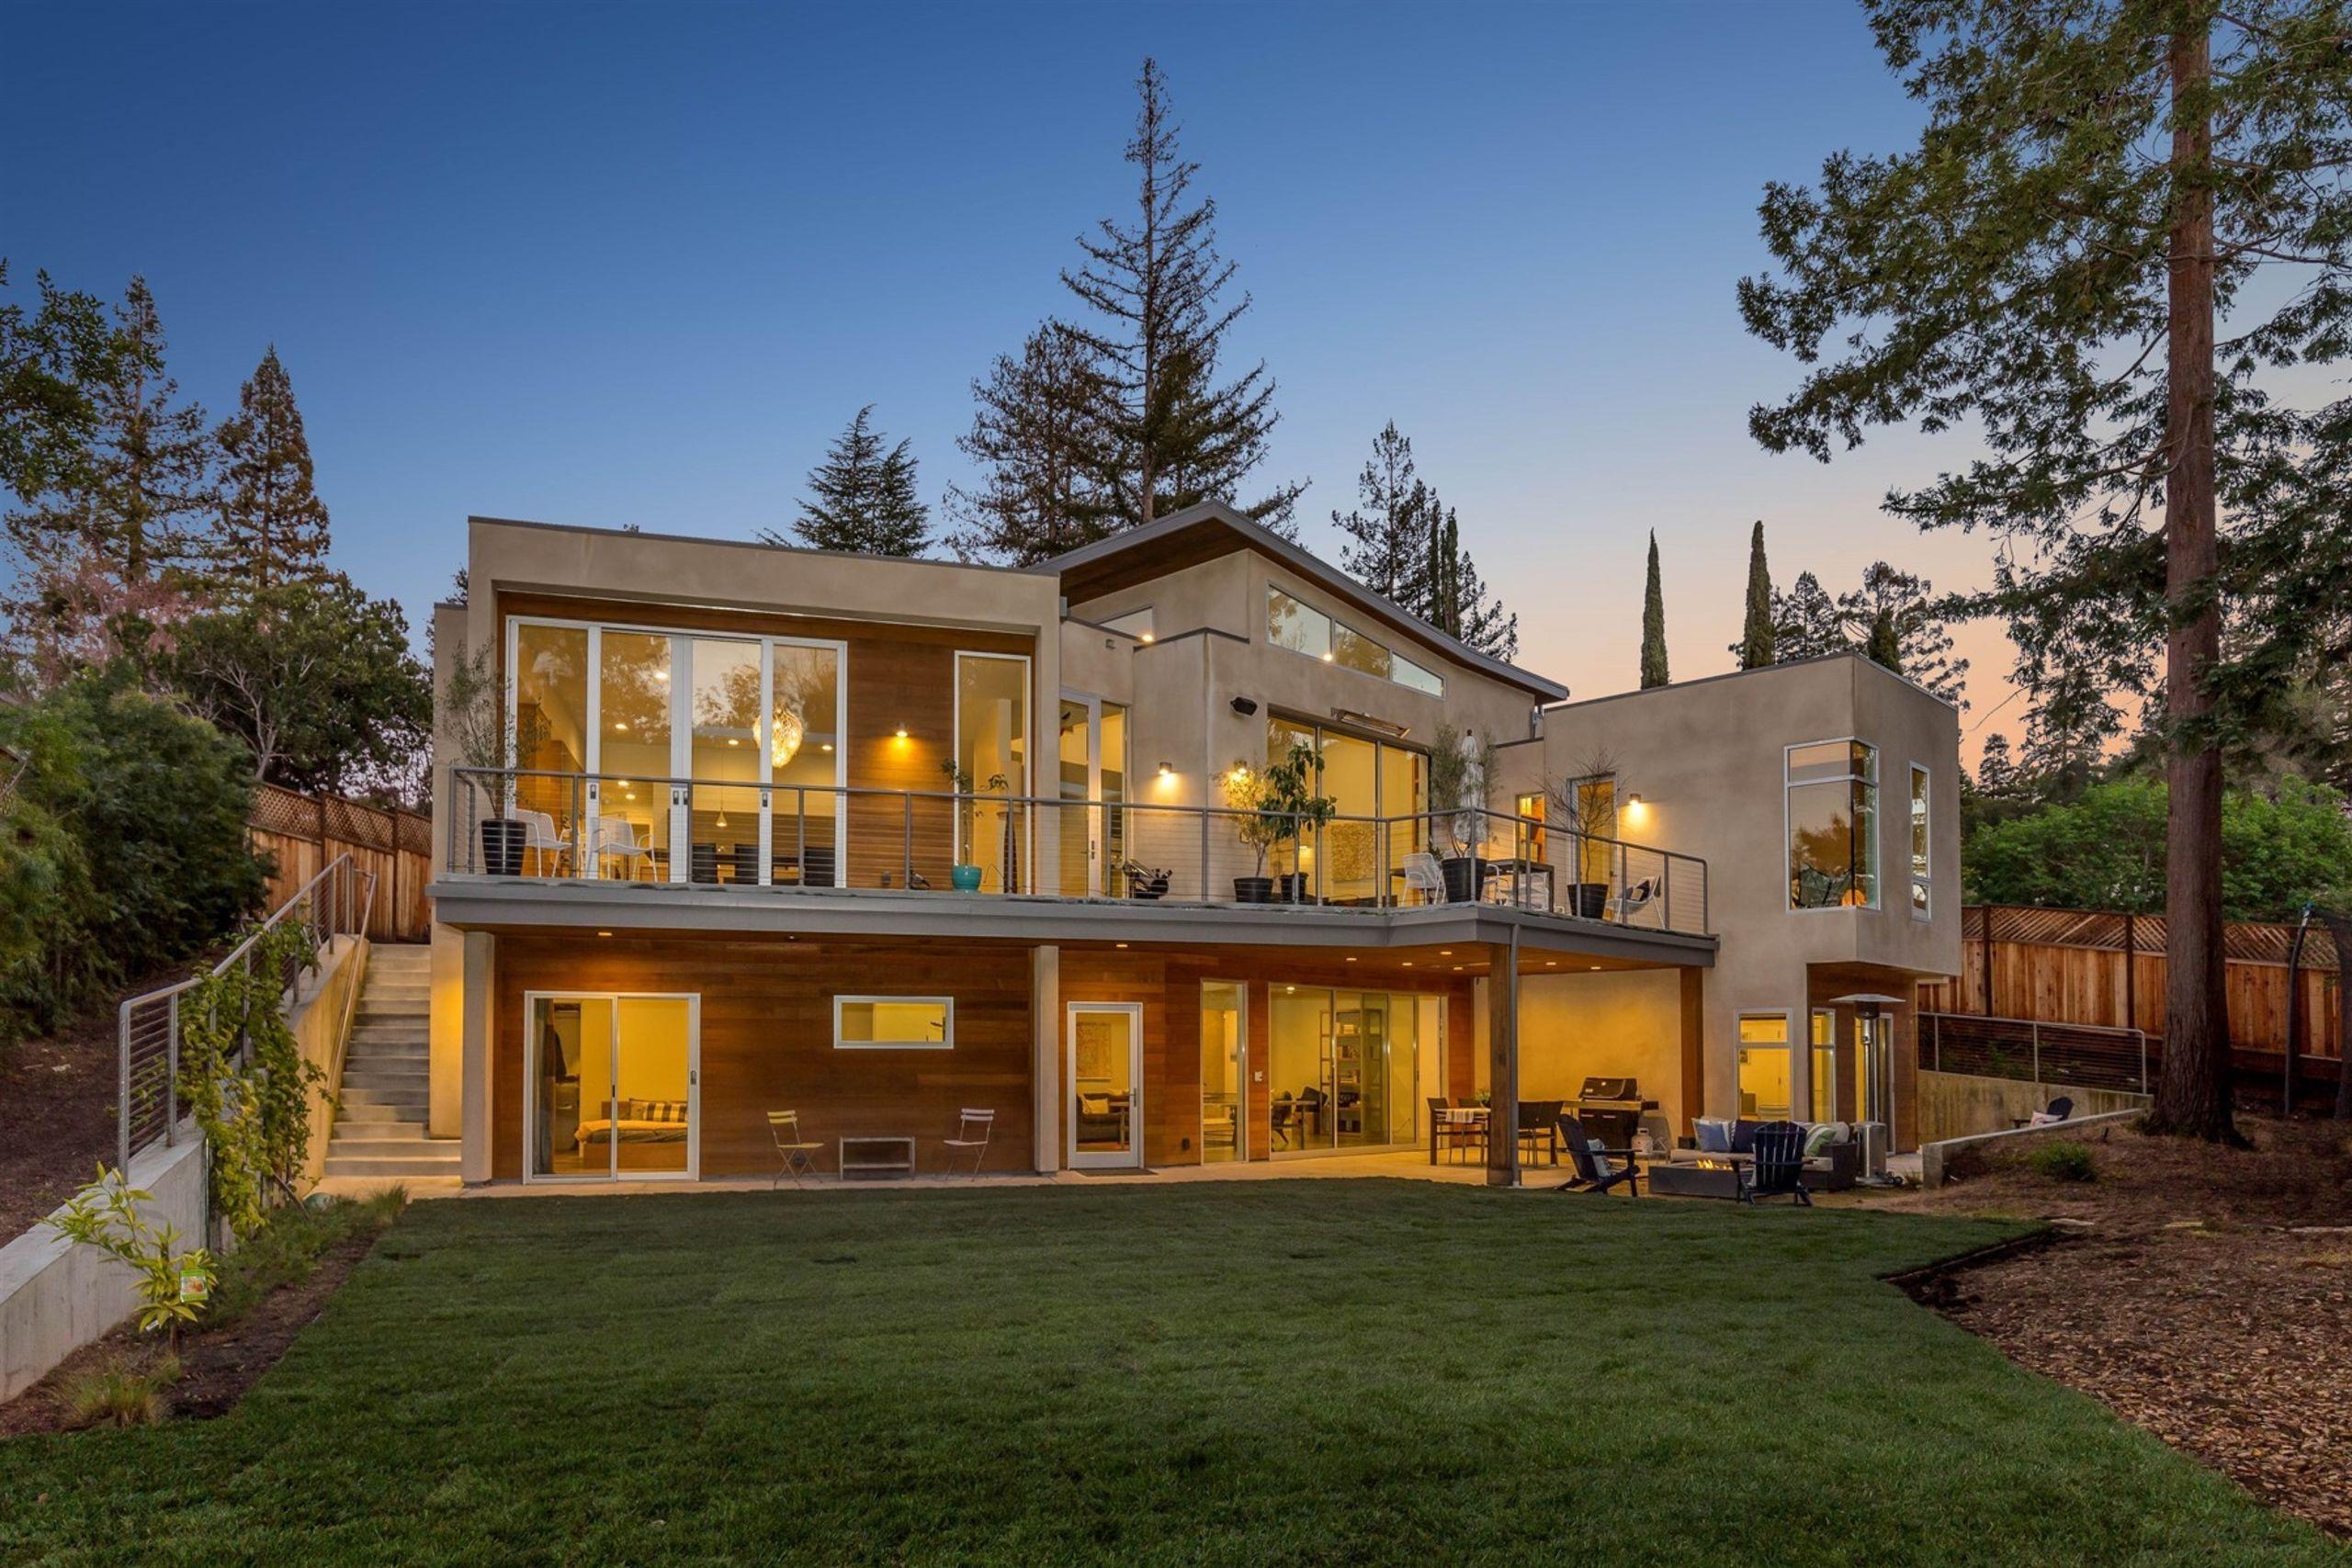 454 Cypress Drive - Los Altos [sold]